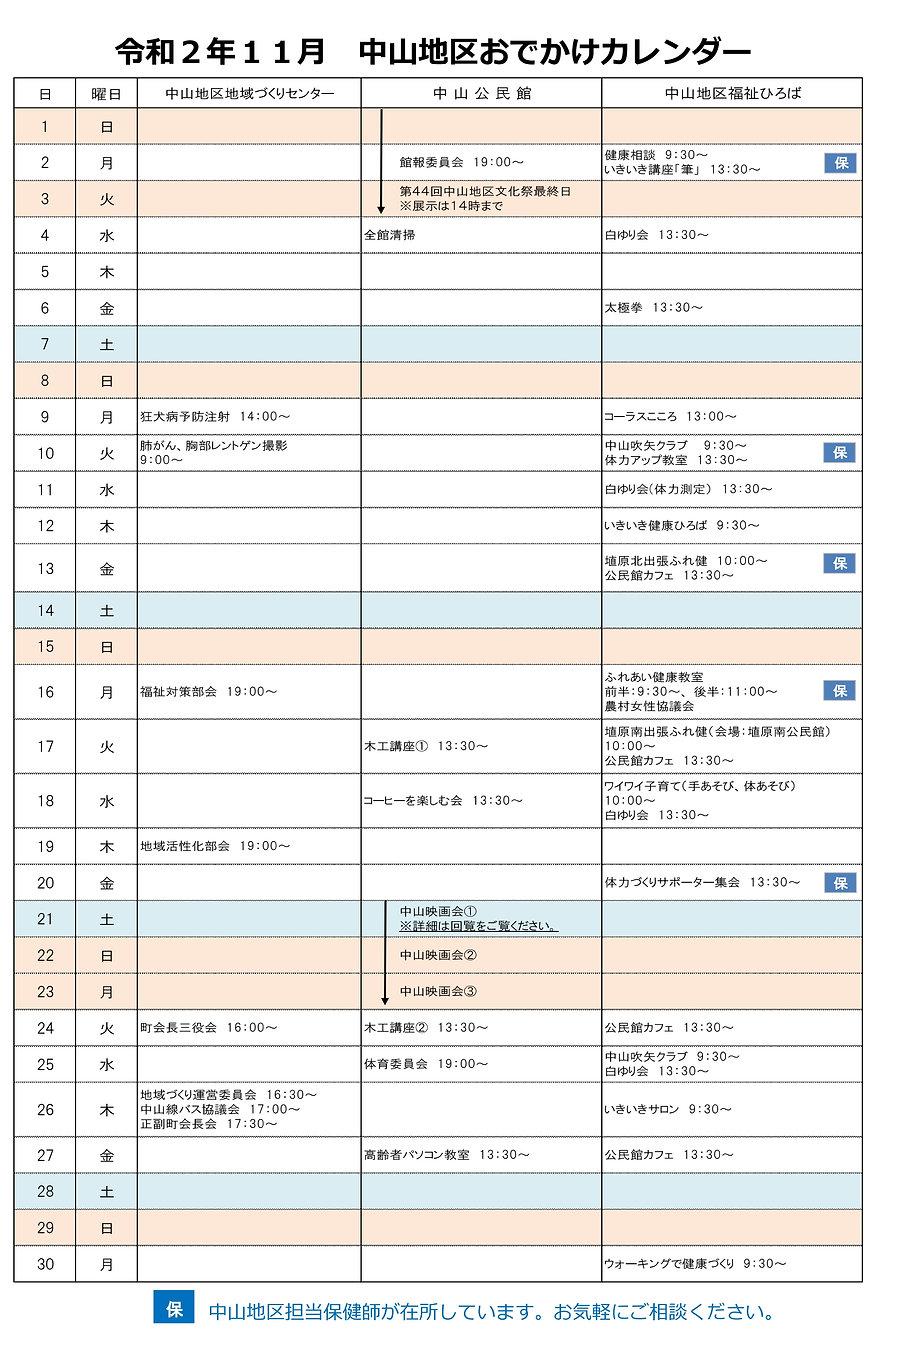 カレンダー_page-0001.jpg